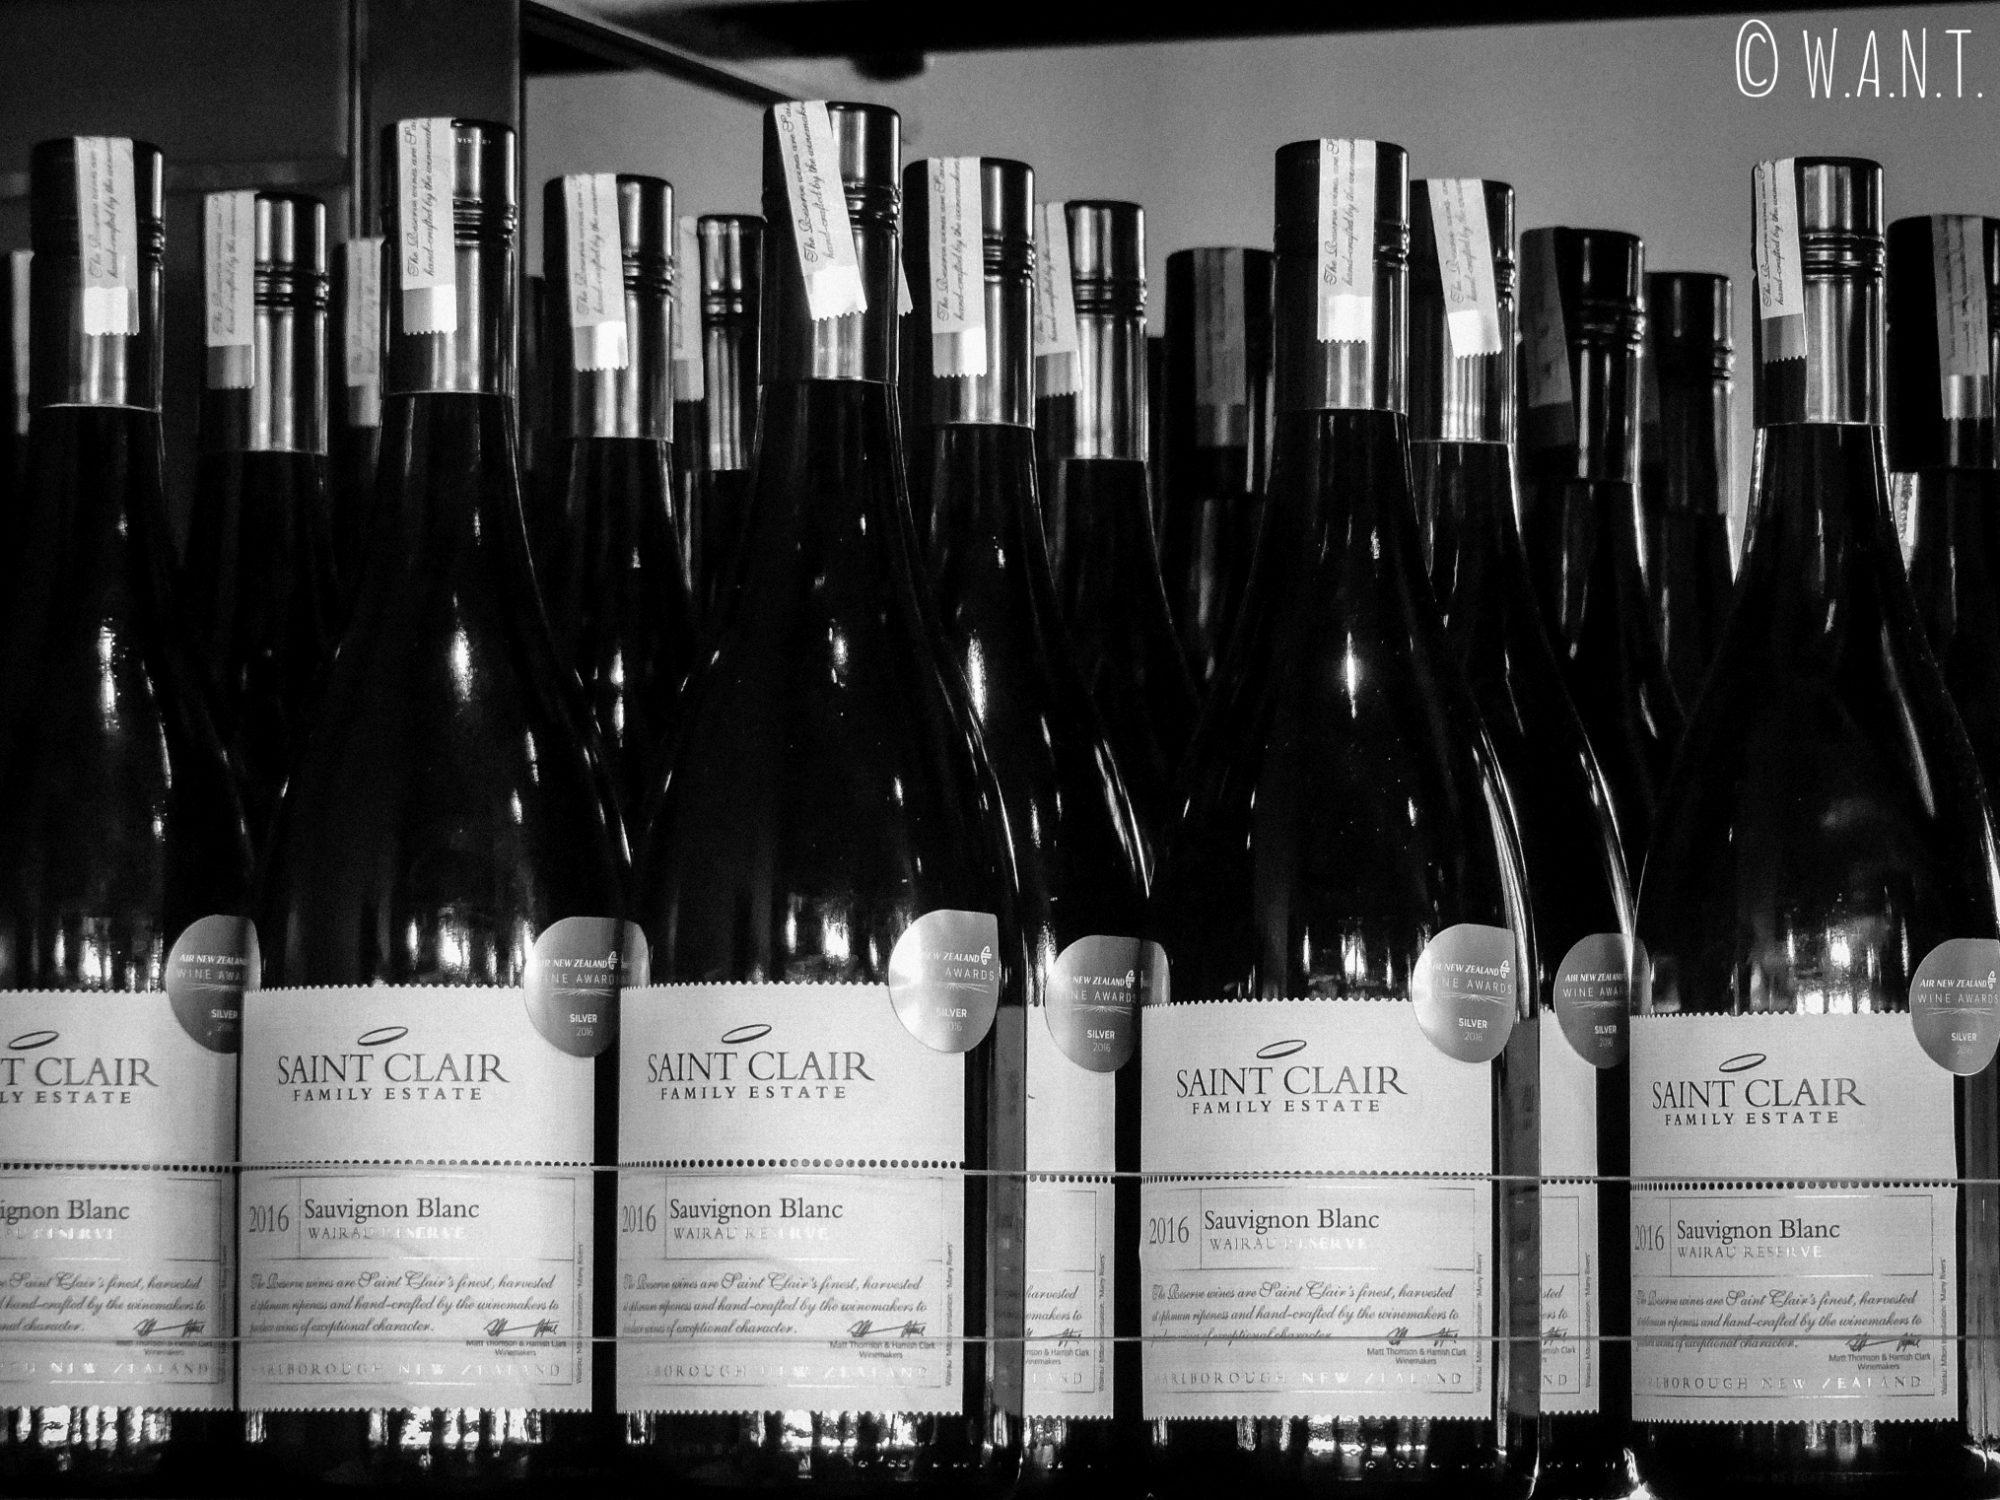 Bouteilles de vin du domaine Saint Clair dans la région de Malborough Sounds en Nouvelle-Zélande